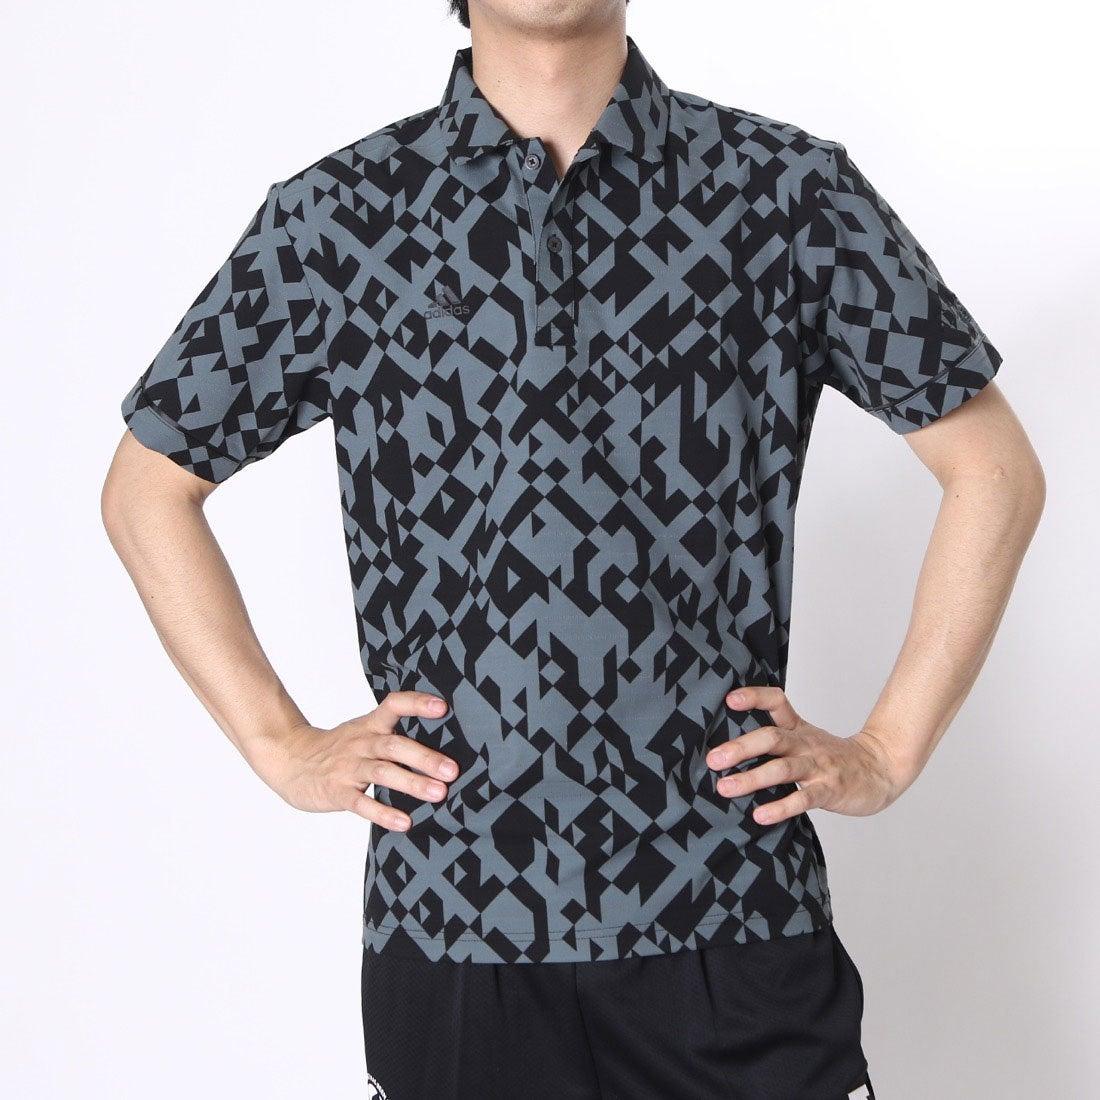 【SALE 53%OFF】【アウトレット】アディダス adidas ゴルフシャツ JP CP デジタルプリントS/Sウーブンポロ CCG36 (ブラック) メンズ